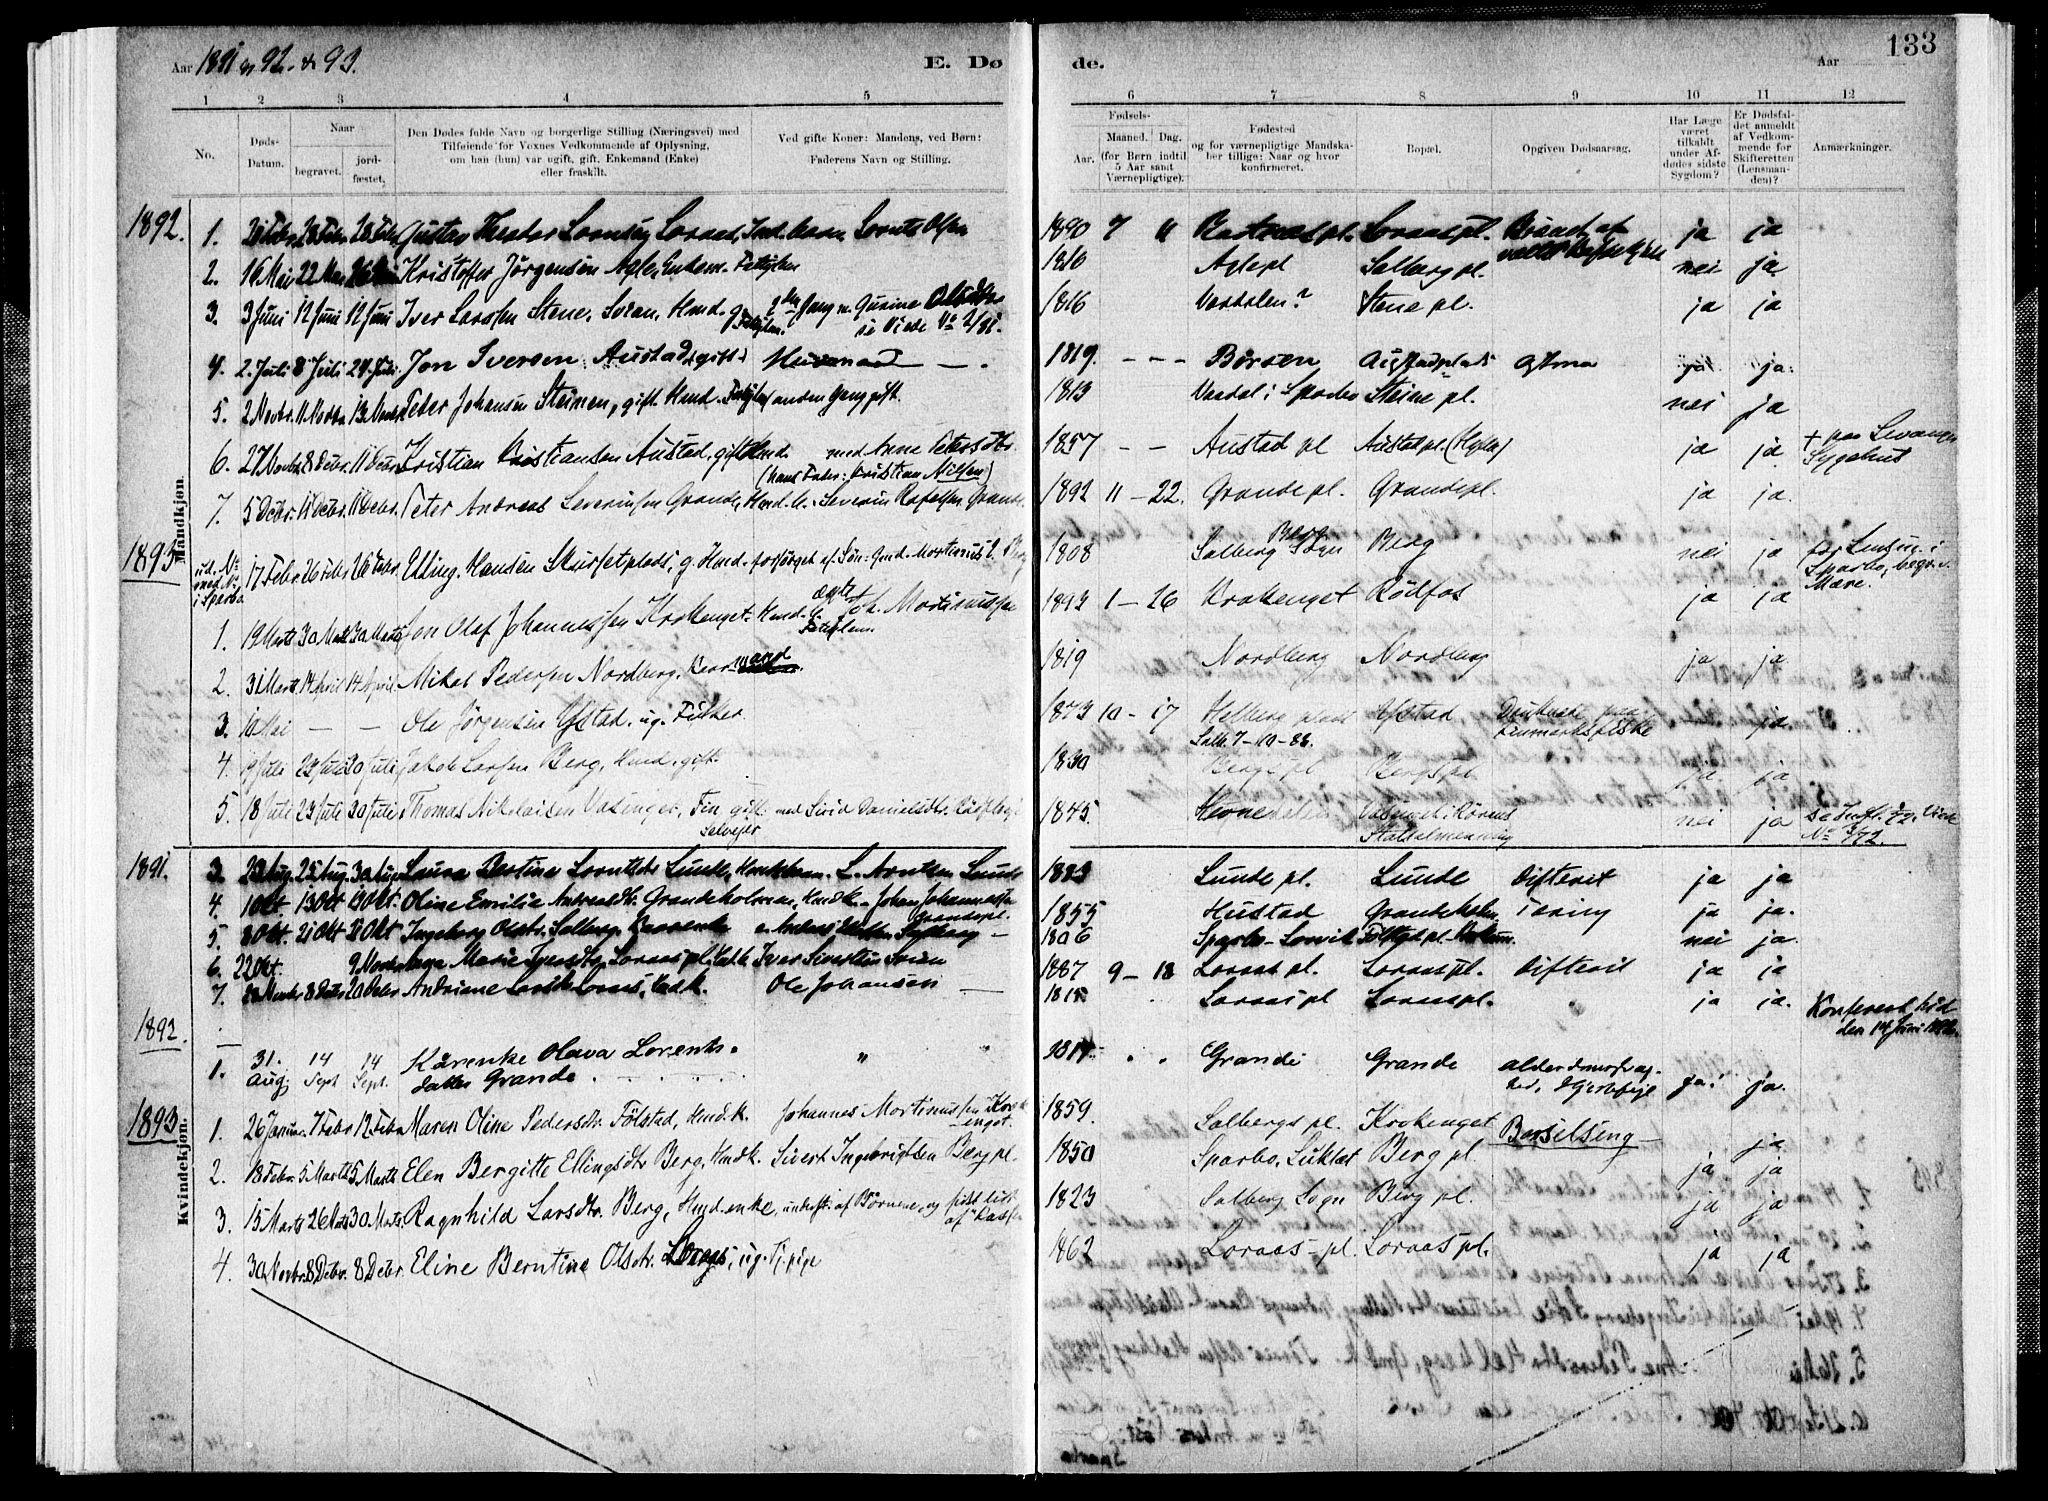 SAT, Ministerialprotokoller, klokkerbøker og fødselsregistre - Nord-Trøndelag, 731/L0309: Ministerialbok nr. 731A01, 1879-1918, s. 133